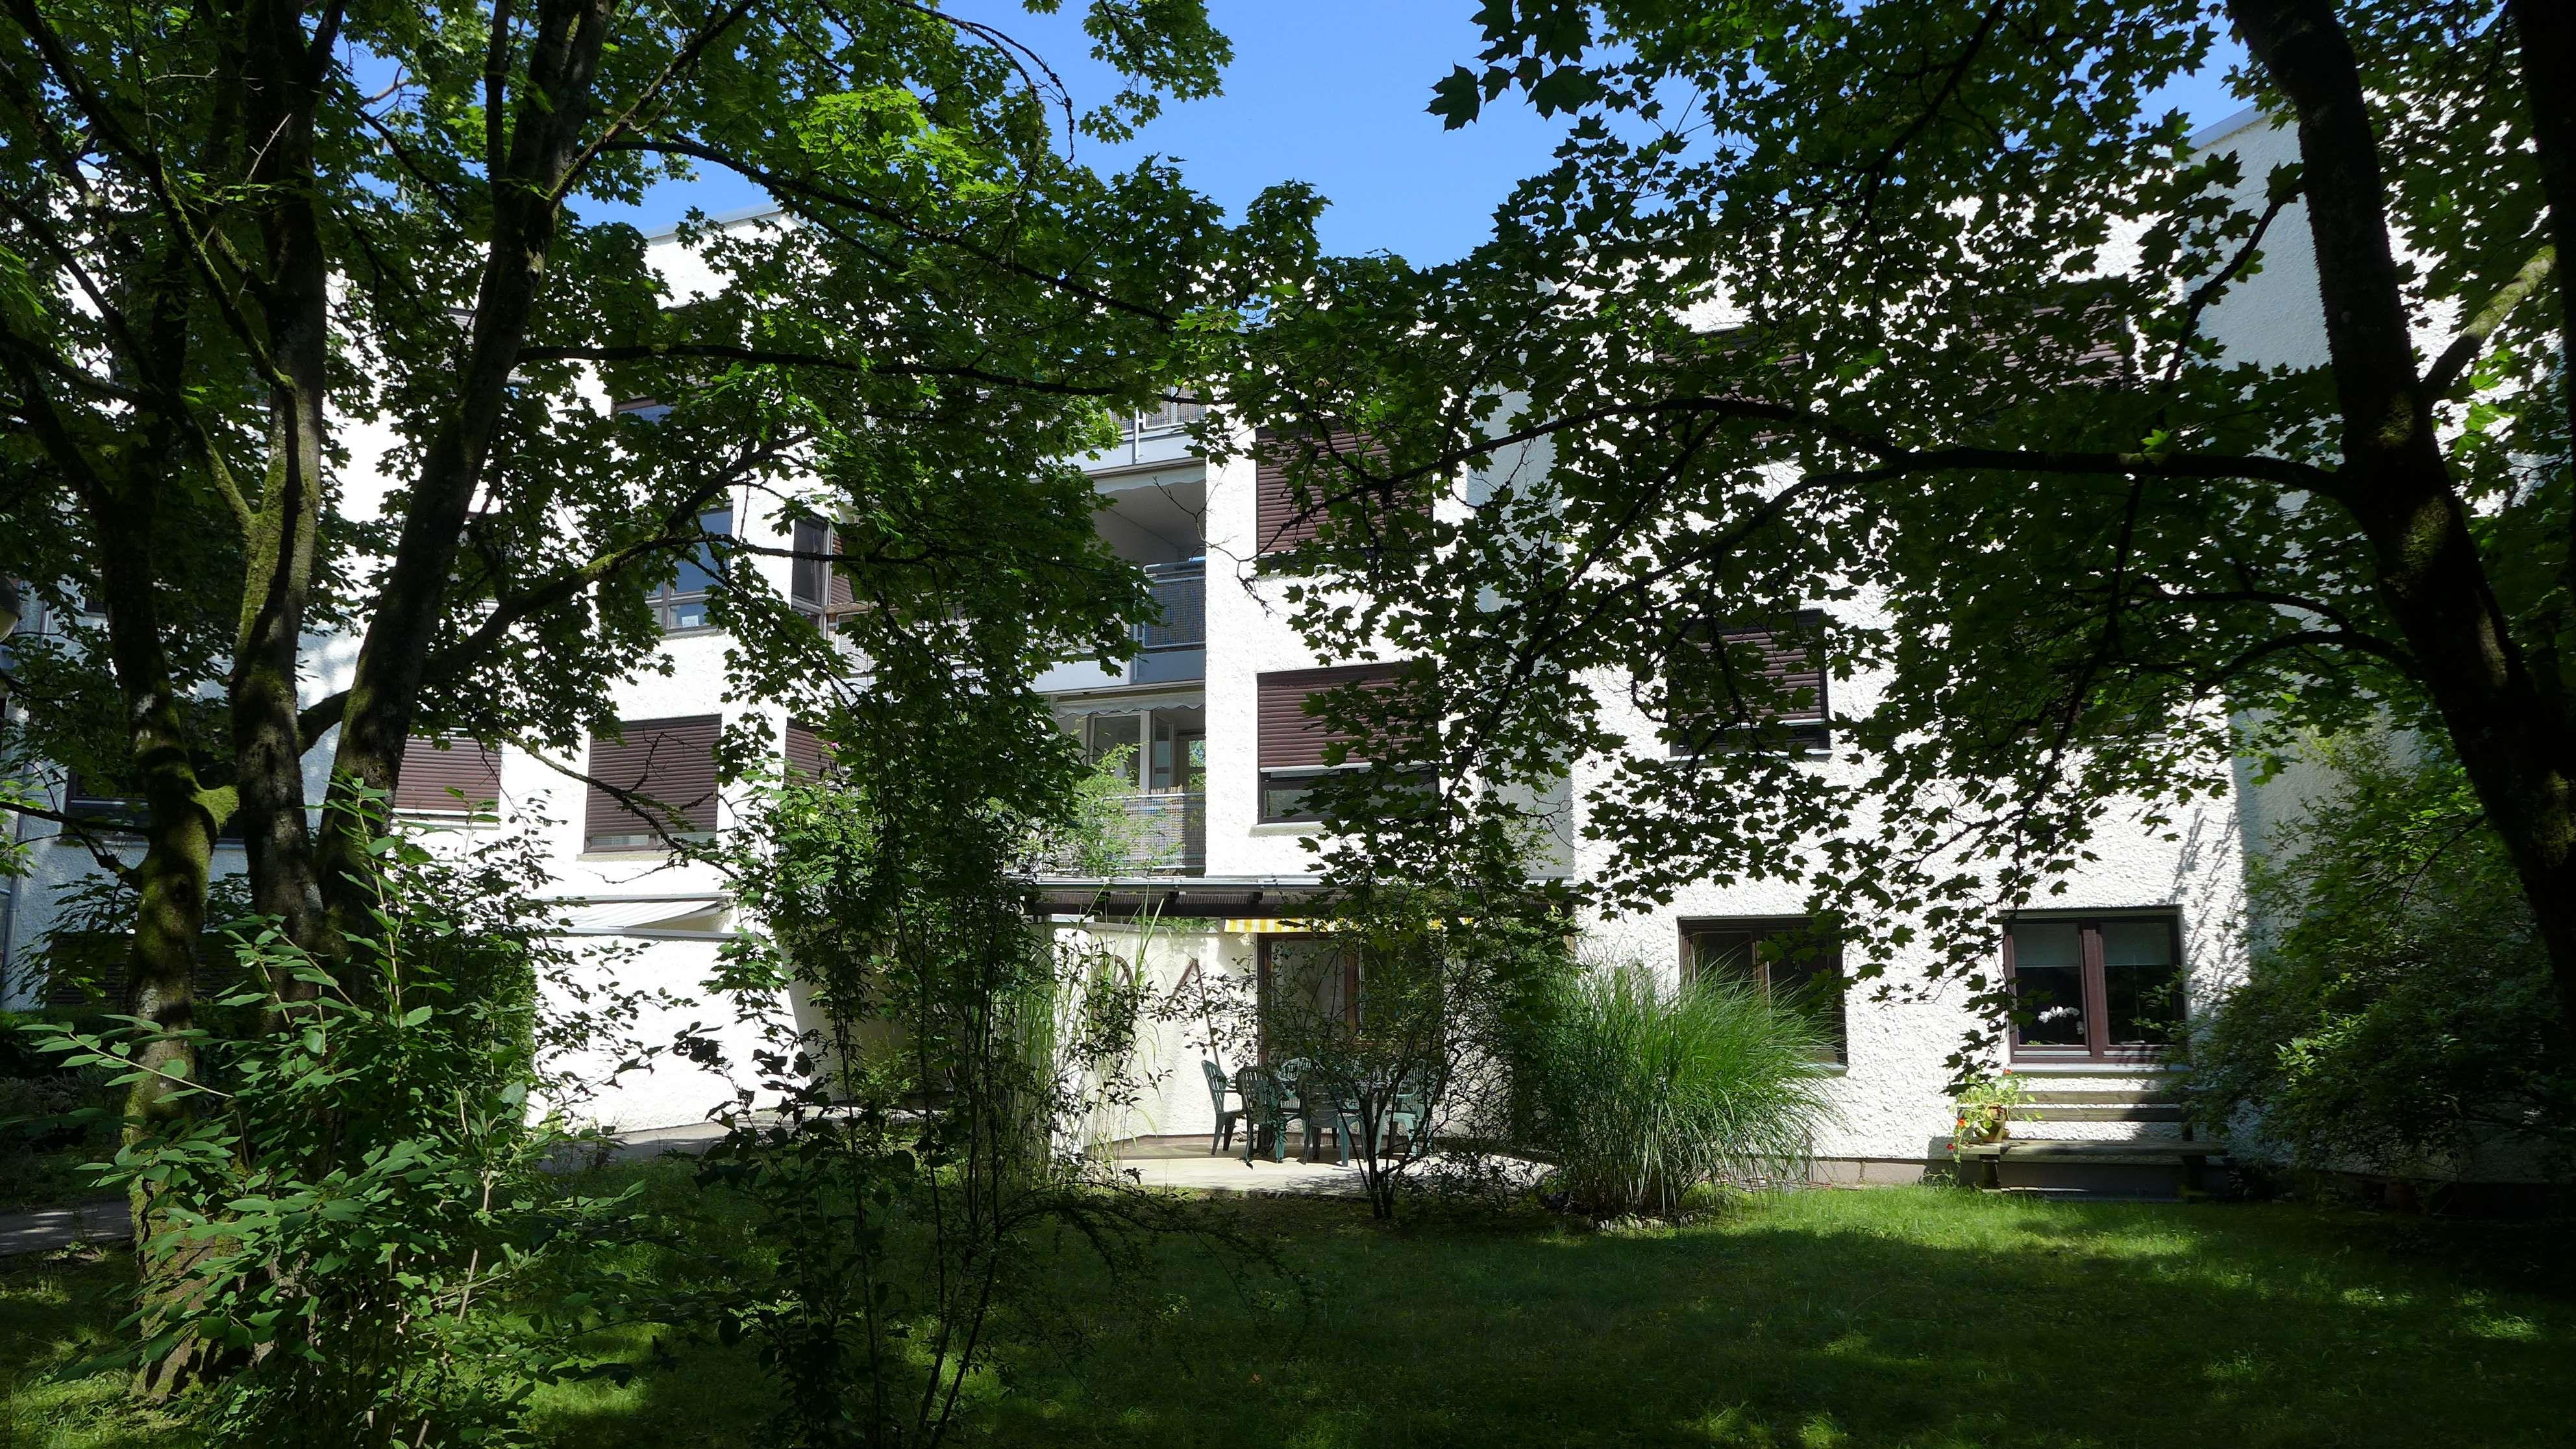 Exklusive, vollständig renovierte 3-Zimmer-Wohnung mit Balkon, Loggia und Einbauküche in Zorneding in